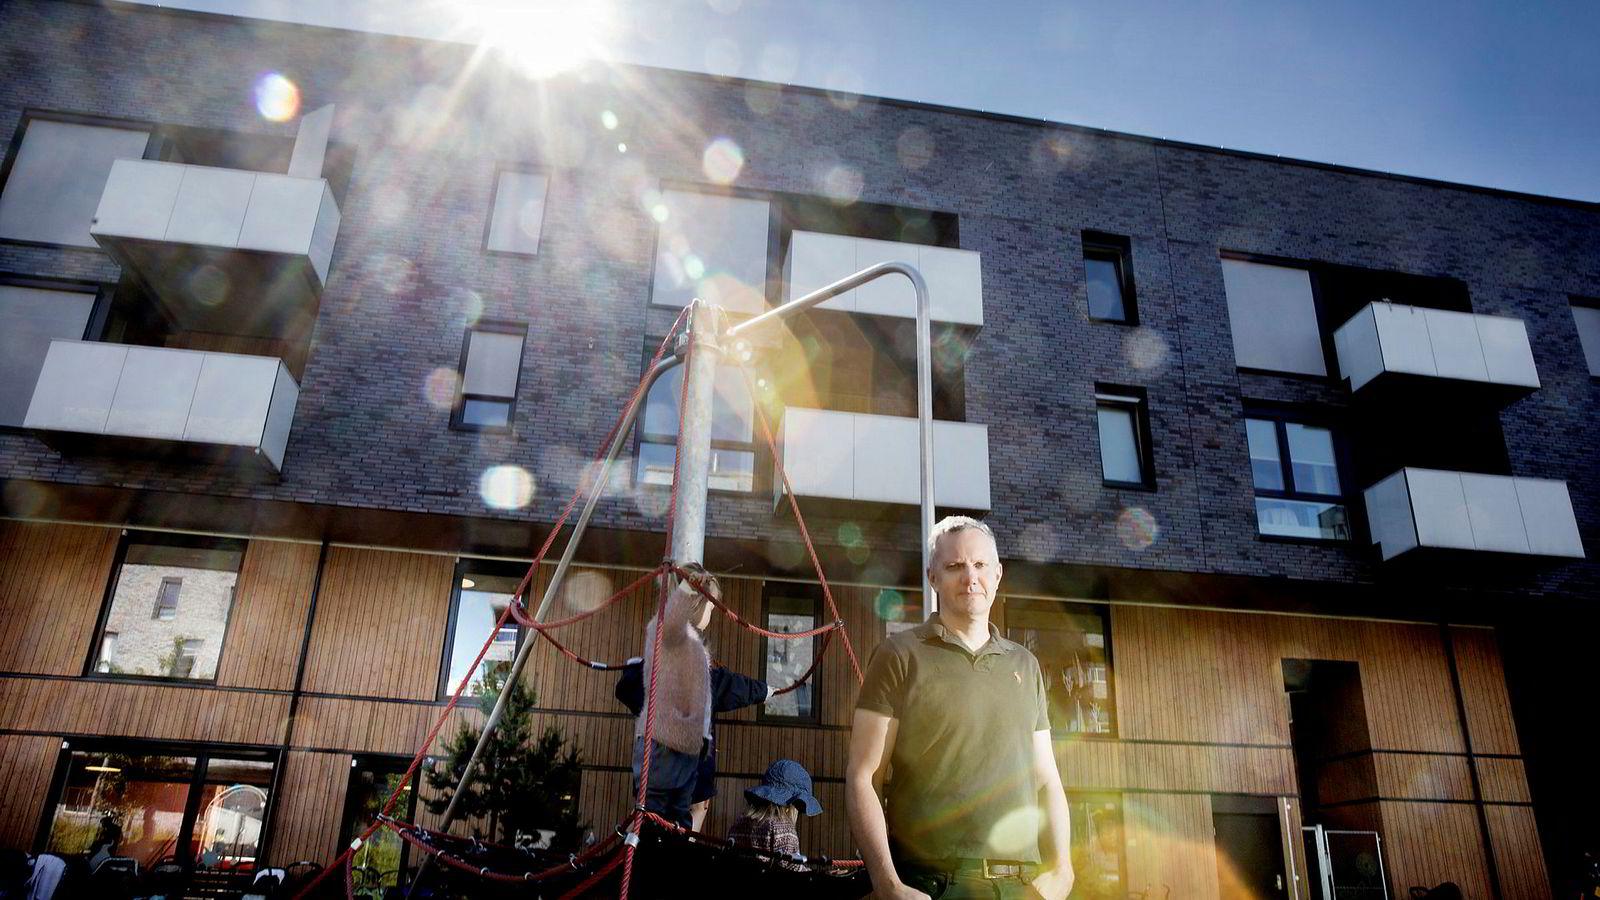 Sammen med kona Randi har Hans Jacob Sundby bygget opp Læringsverkstedet til å bli den største private barnehagegruppen i Norge med over 180 barnehager i porteføljen. Selskapet eier blant annet Sørengkaia barnehage i Oslo.